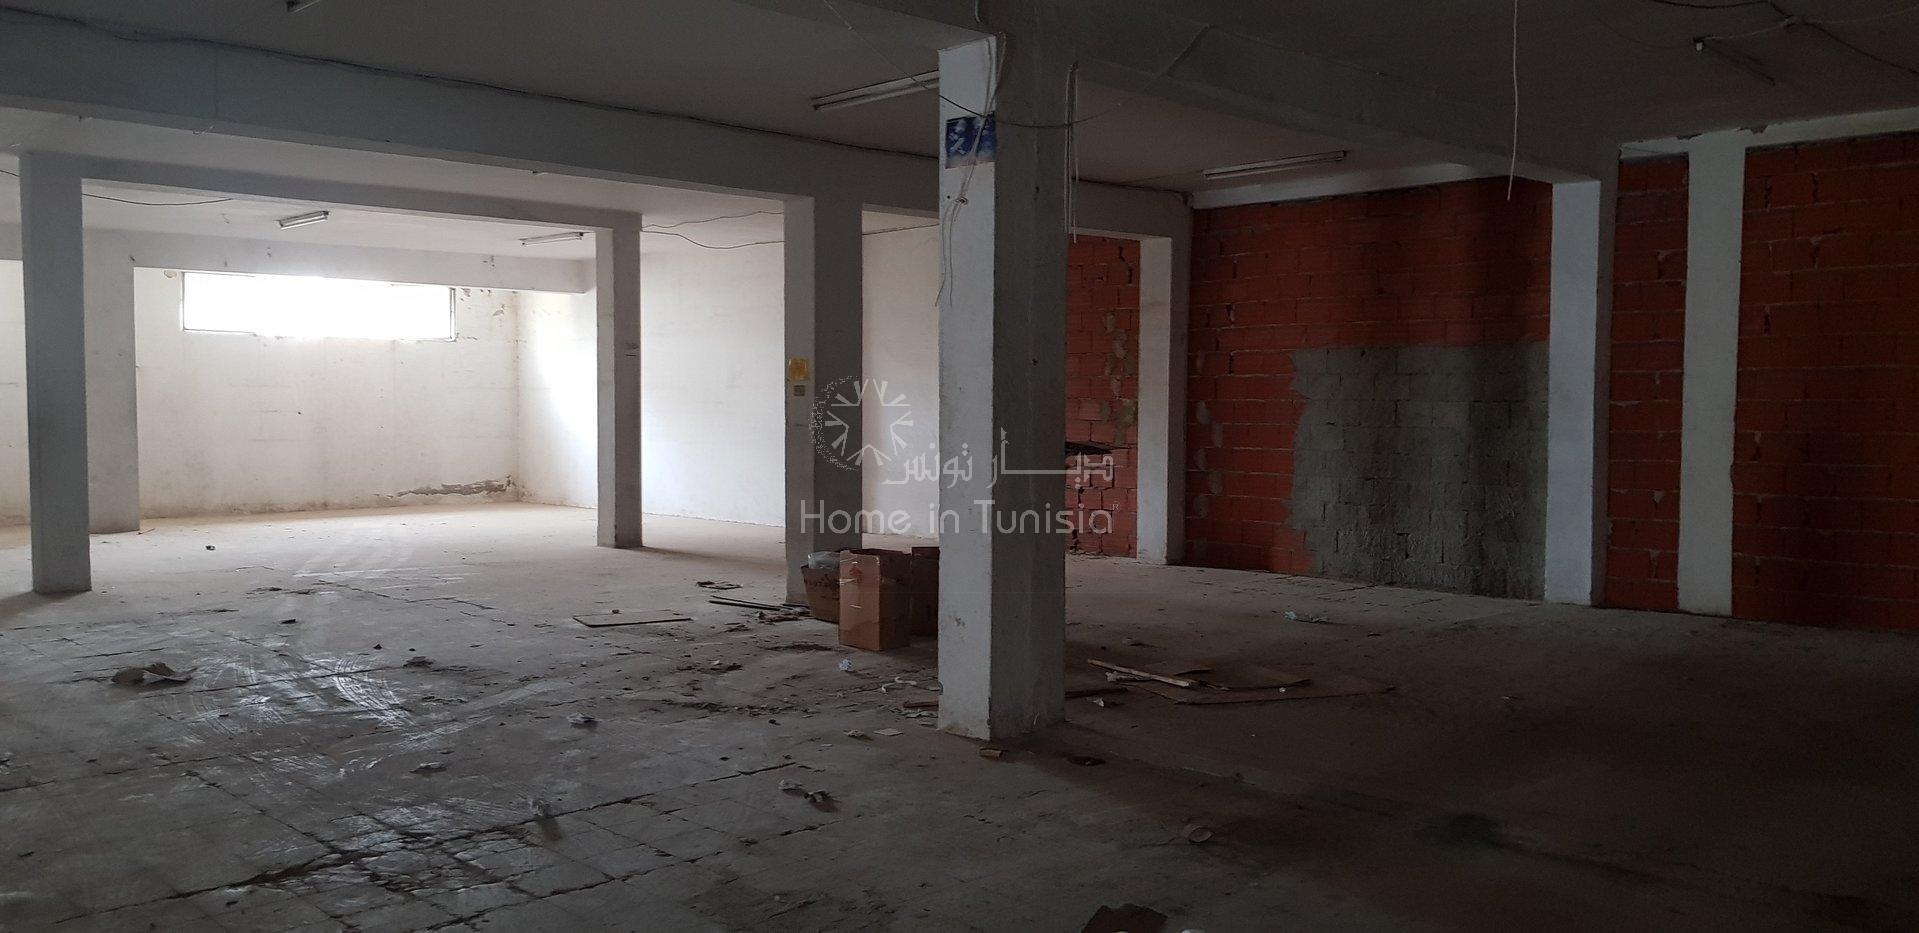 Sale Building - Cité Ennkhilet - Tunisia